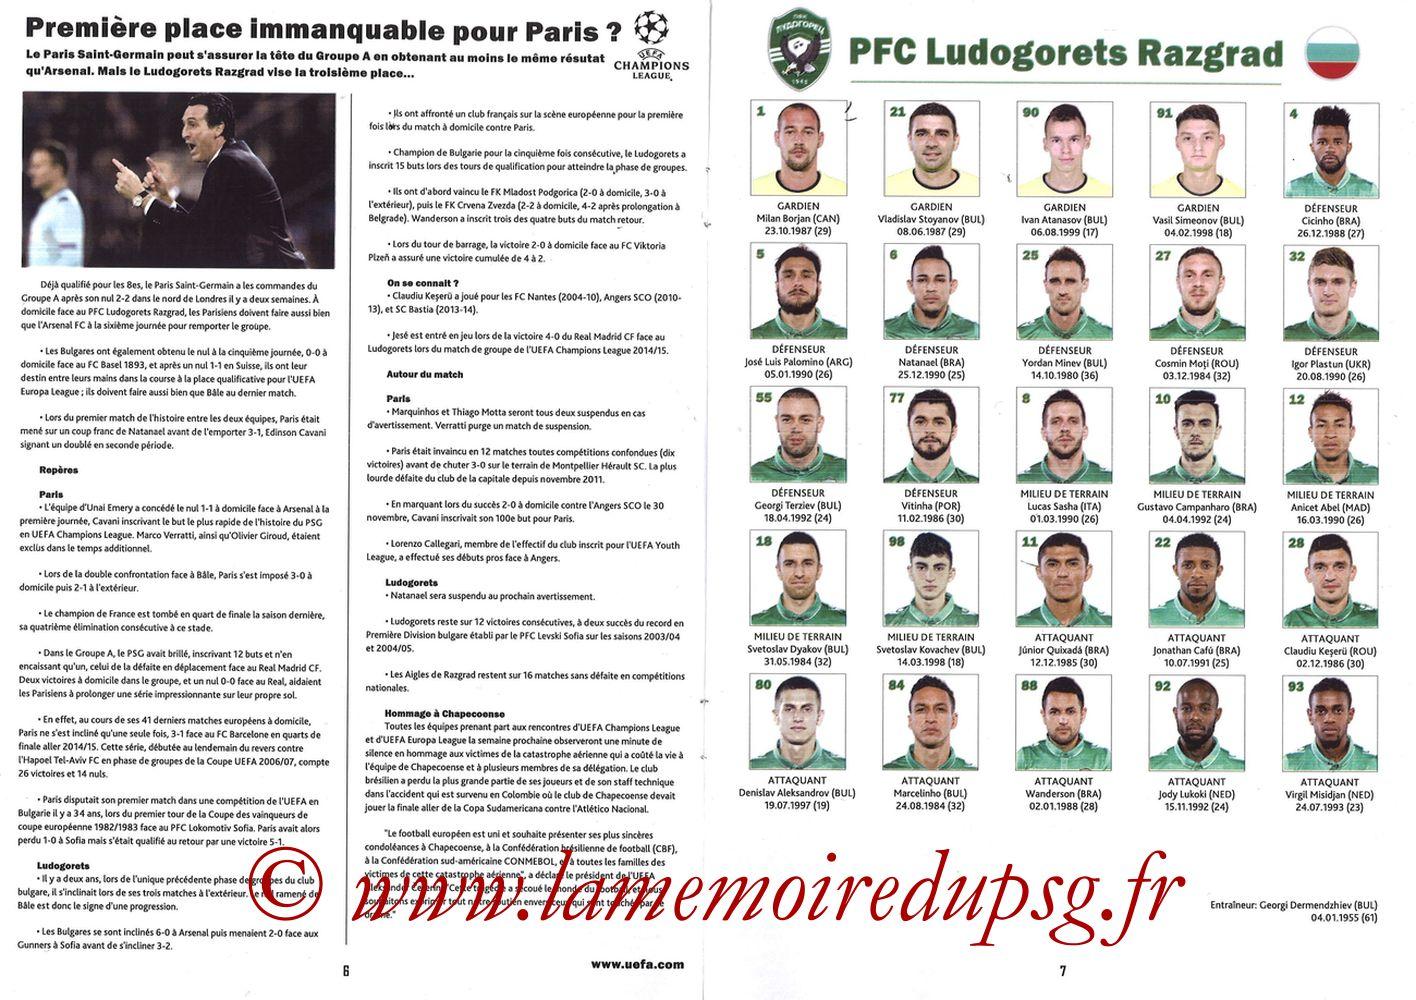 2016-12-06  PSG-Ludogorets (6ème Poule C1, Programme pirate) - Pages 06 et 07